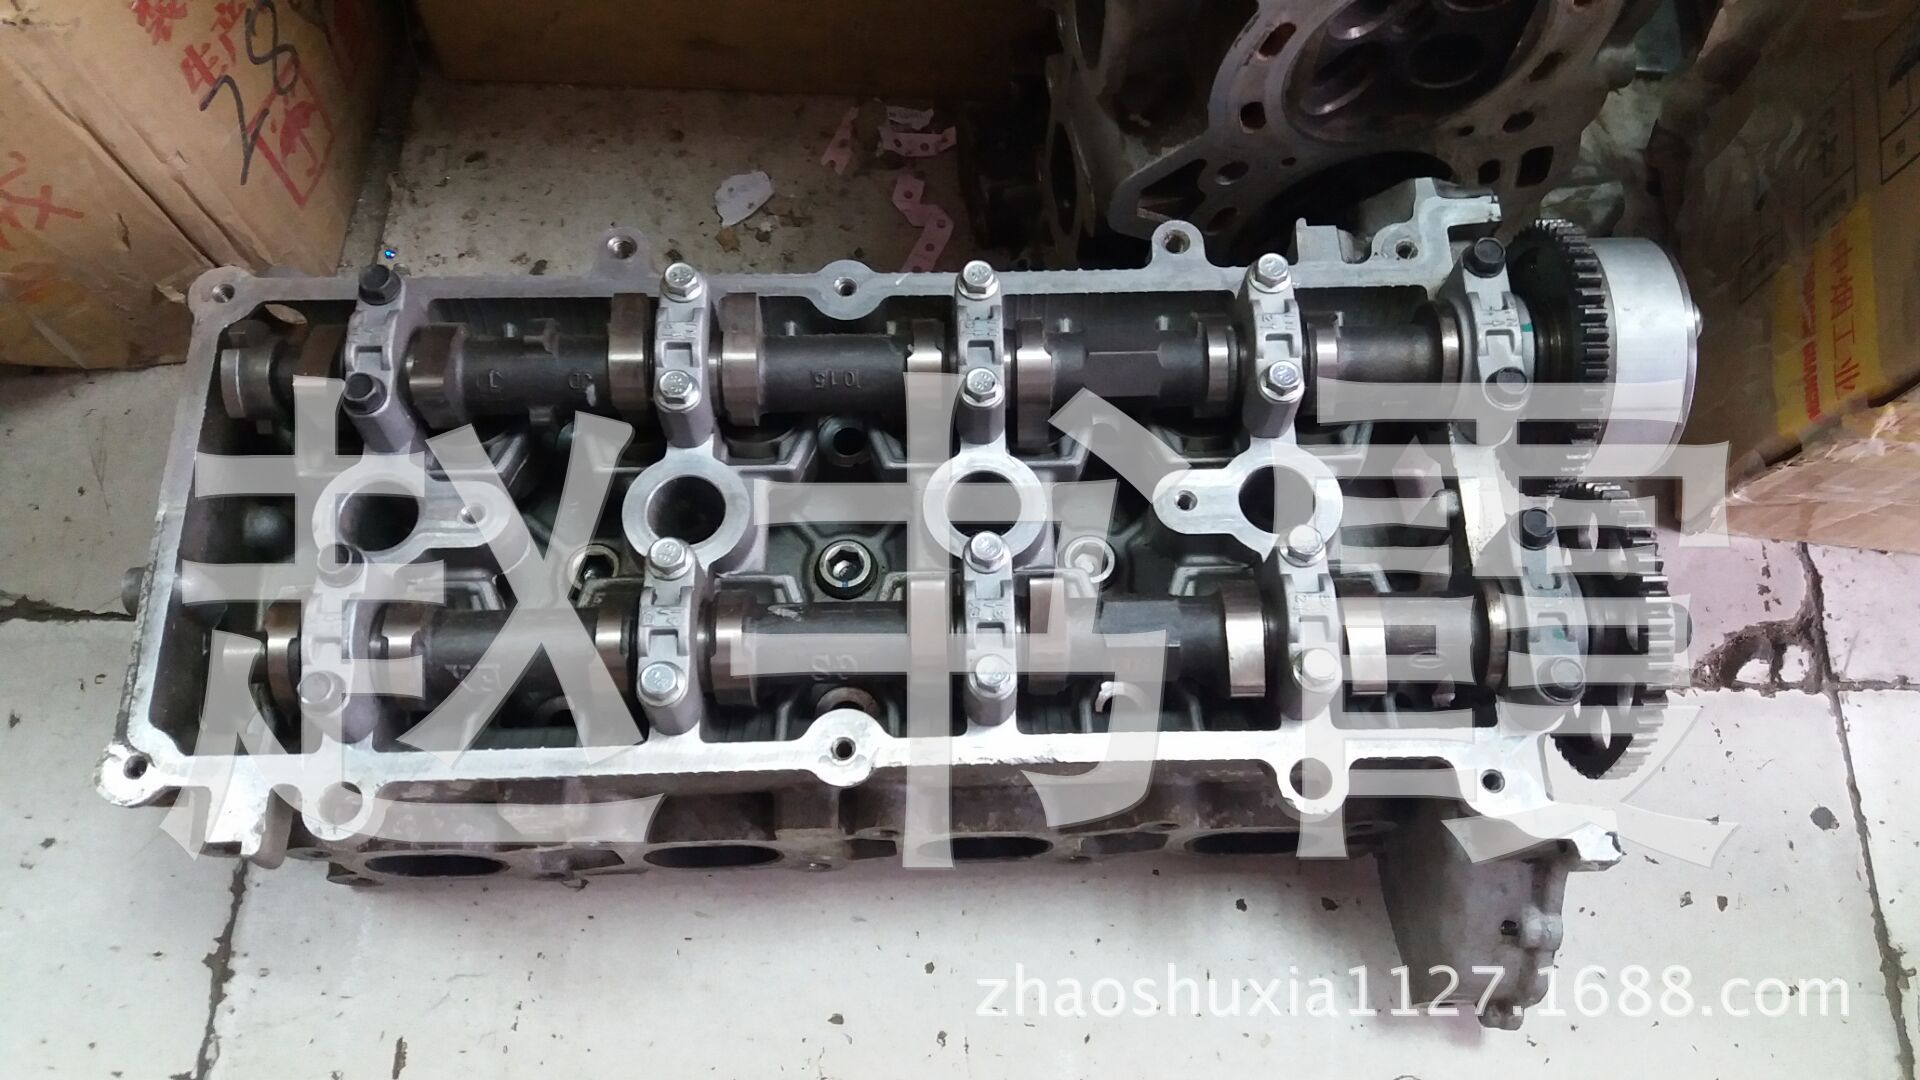 纳智捷大7SUV带VVT缸盖,原装拆车件,原装二手汽车配件